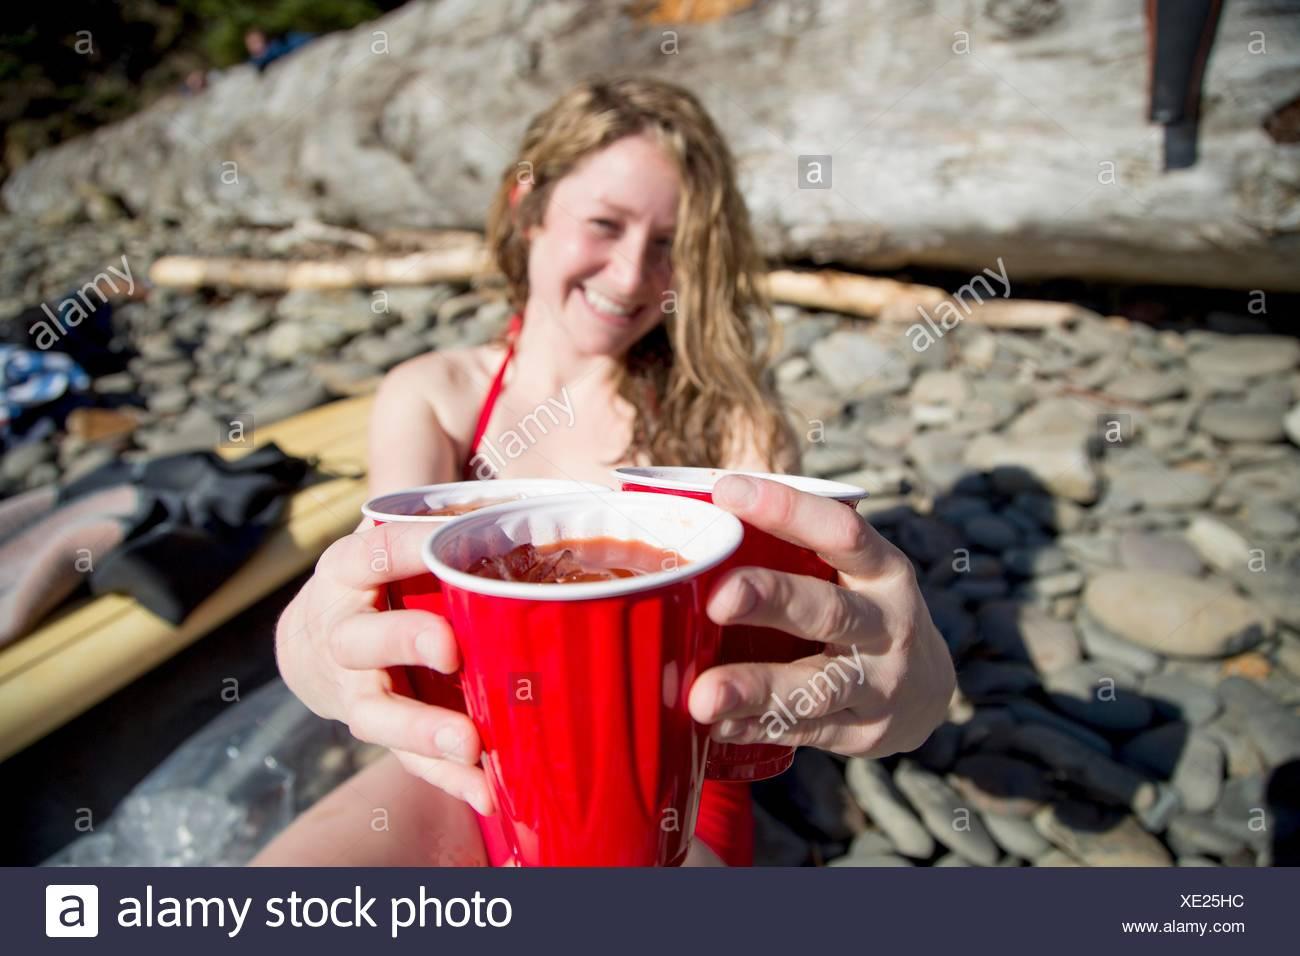 Jovem mulher sentada na praia rochosa, segurando bebidas, sorridente, Curto Sands Beach, Oregon, ESTADOS UNIDOS DA AMÉRICA Imagens de Stock